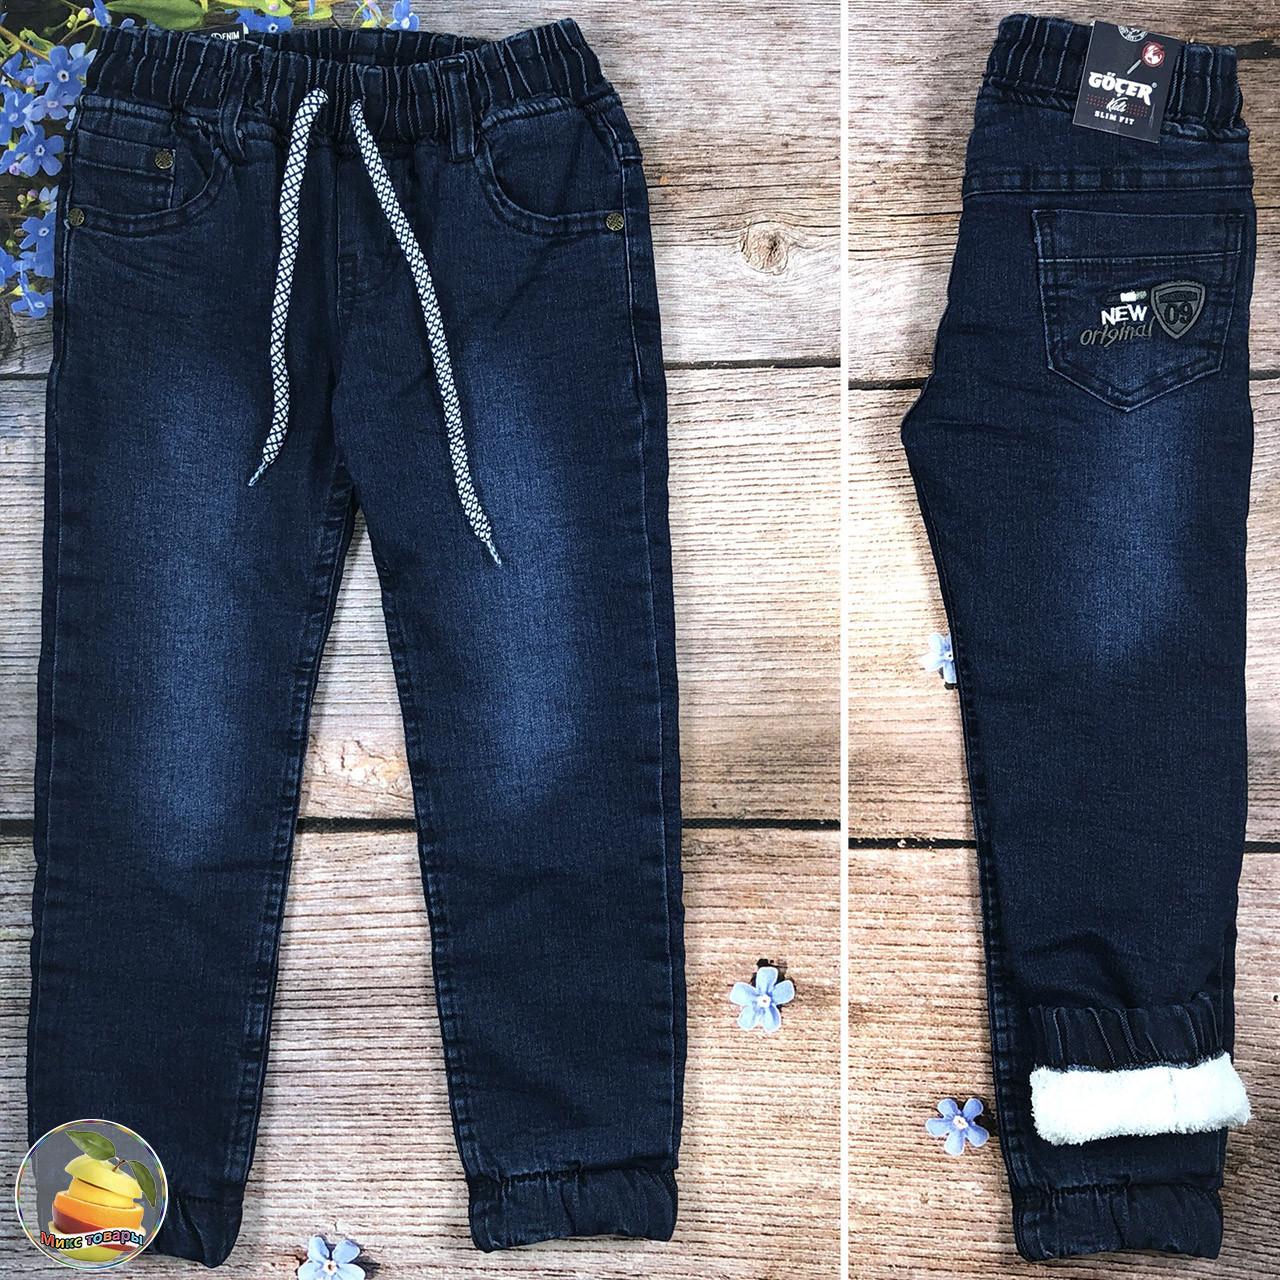 Тёплые джинсы с поясом на резинке Размеры: 5,6,7,8 лет (20945)